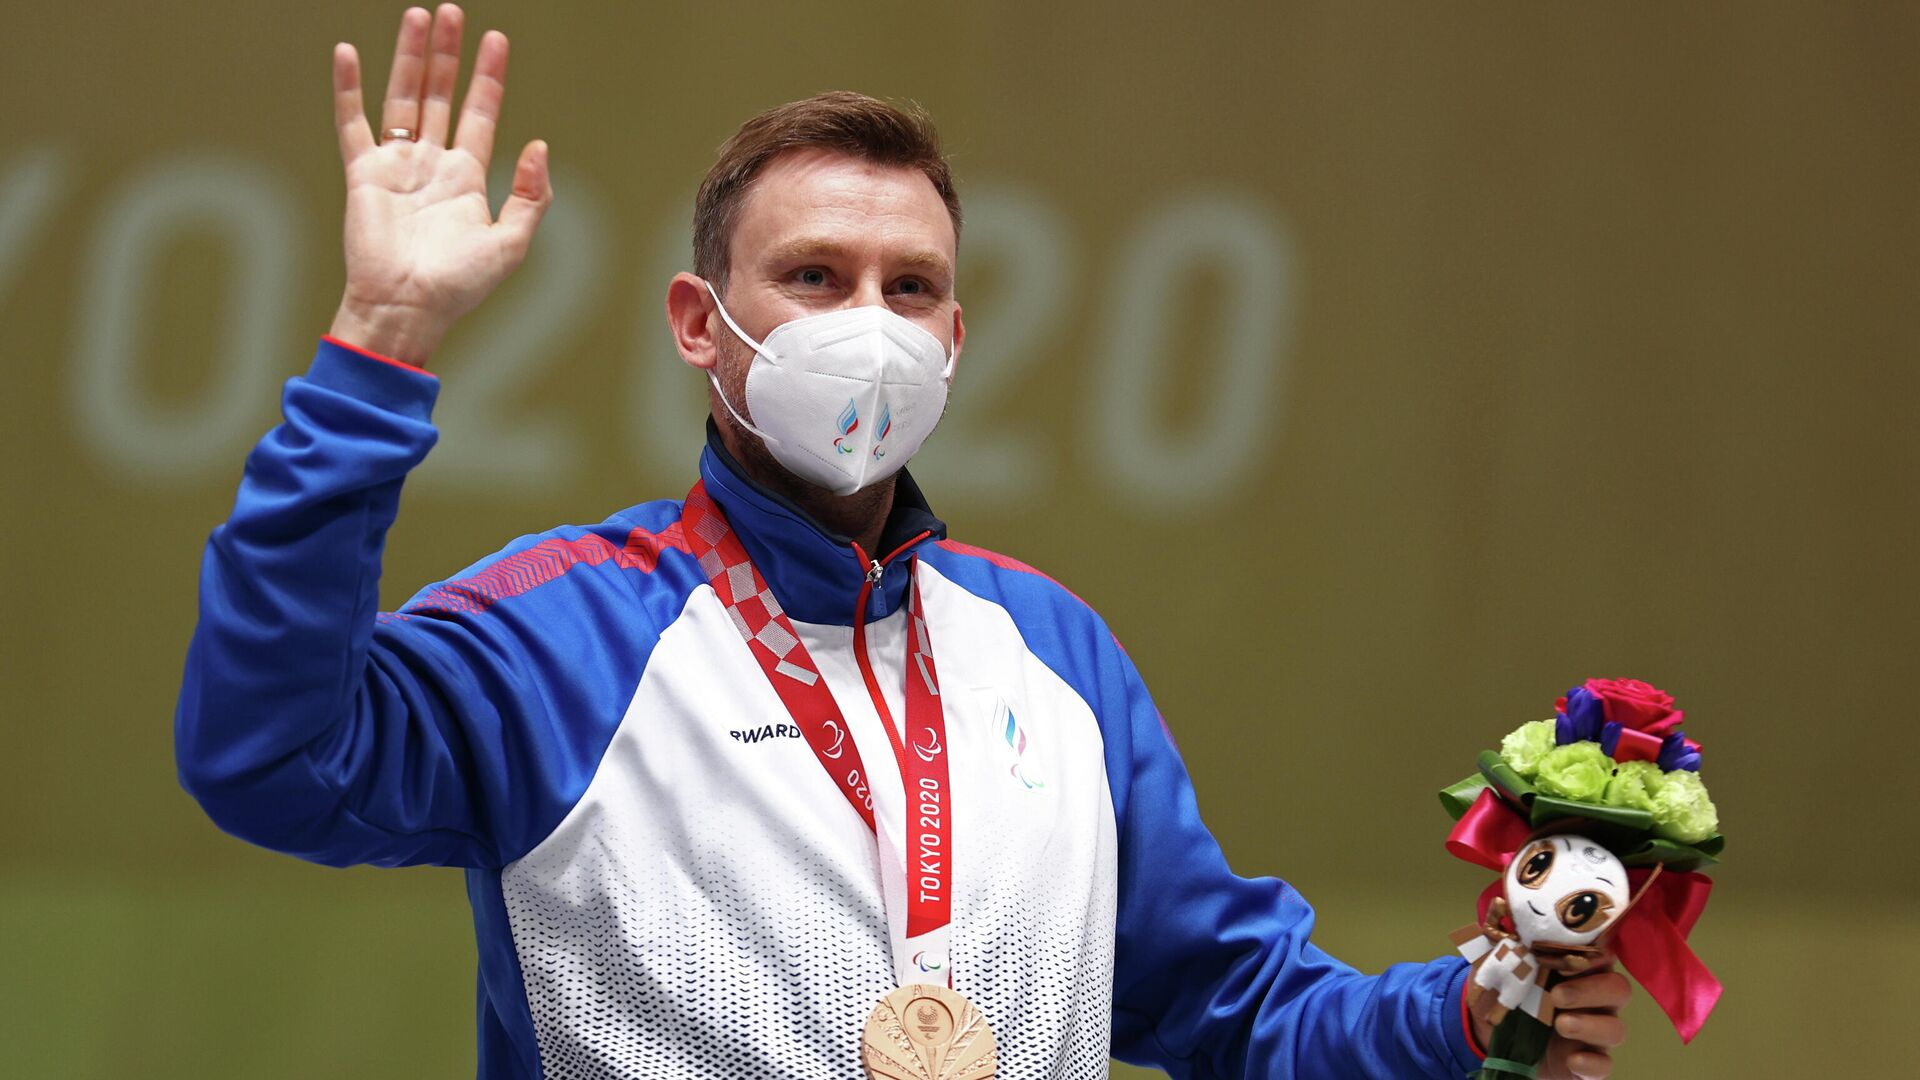 El medallista de bronce Sergey Malyshev del Comité Paralímpico Ruso  - Sputnik Mundo, 1920, 05.09.2021